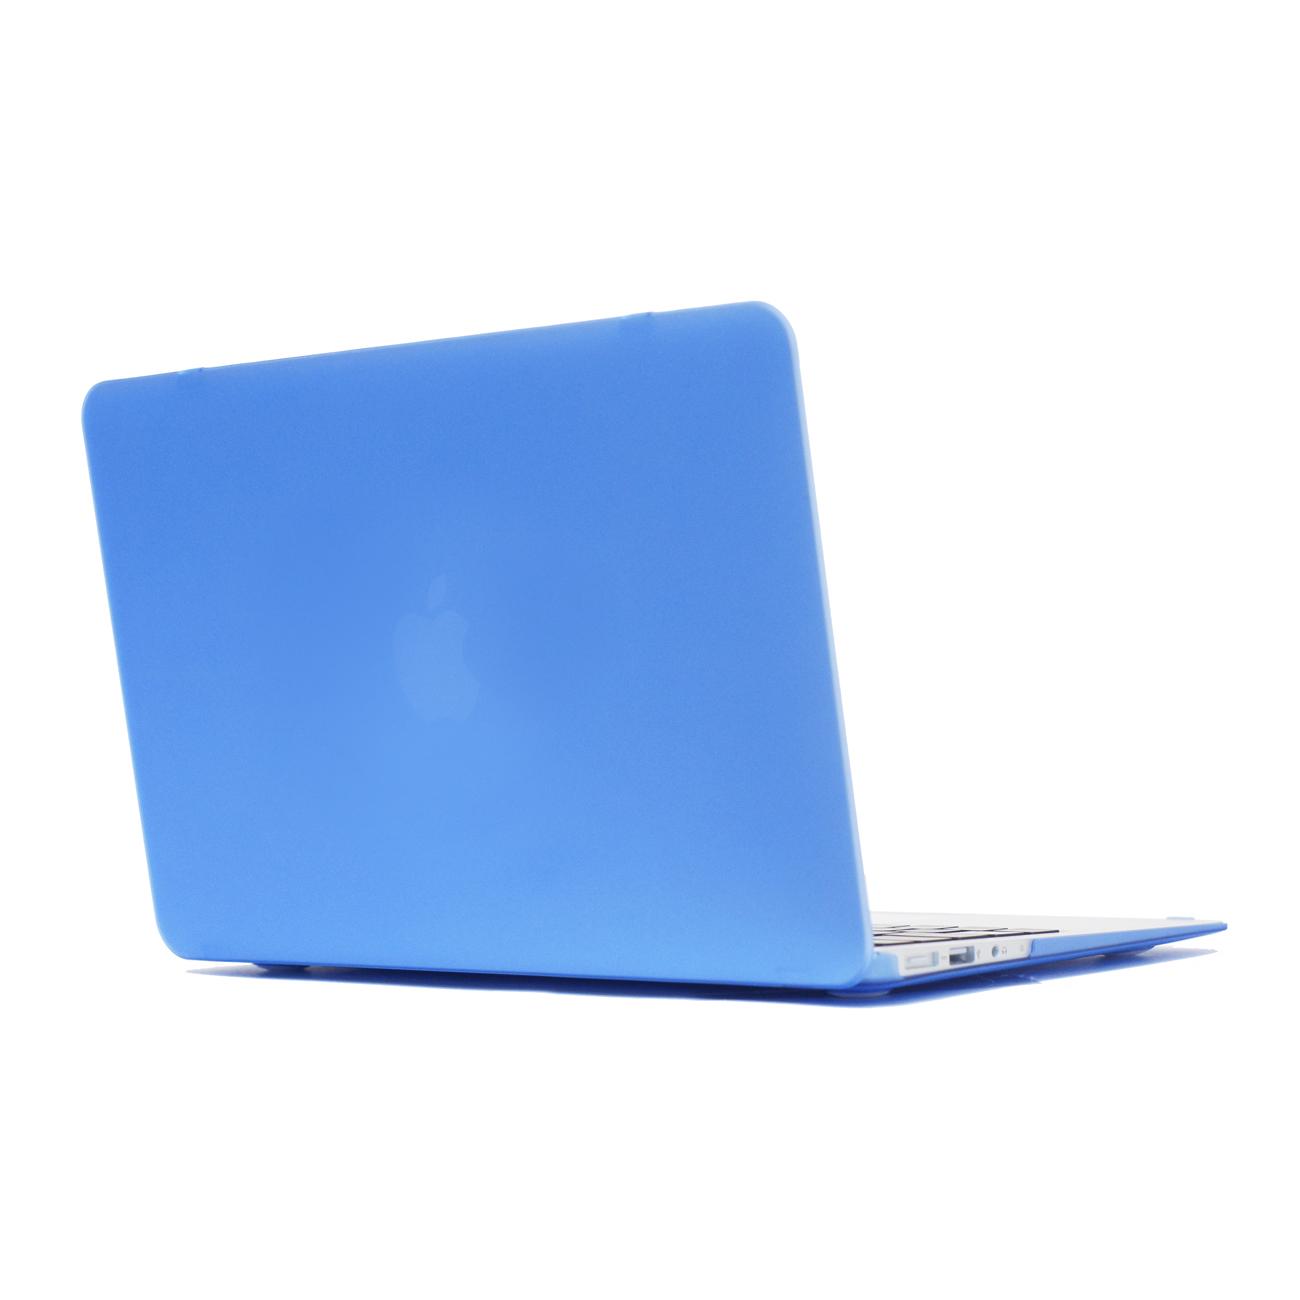 Чехол Crystal Case для MacBook Pro Retina 13 ГолубойMacBook<br>Crystal Case — ультратонкая, лёгкая, полупрозрачная защита для вашего лэптопа.<br><br>Цвет: Голубой<br>Материал: Поликарбонат